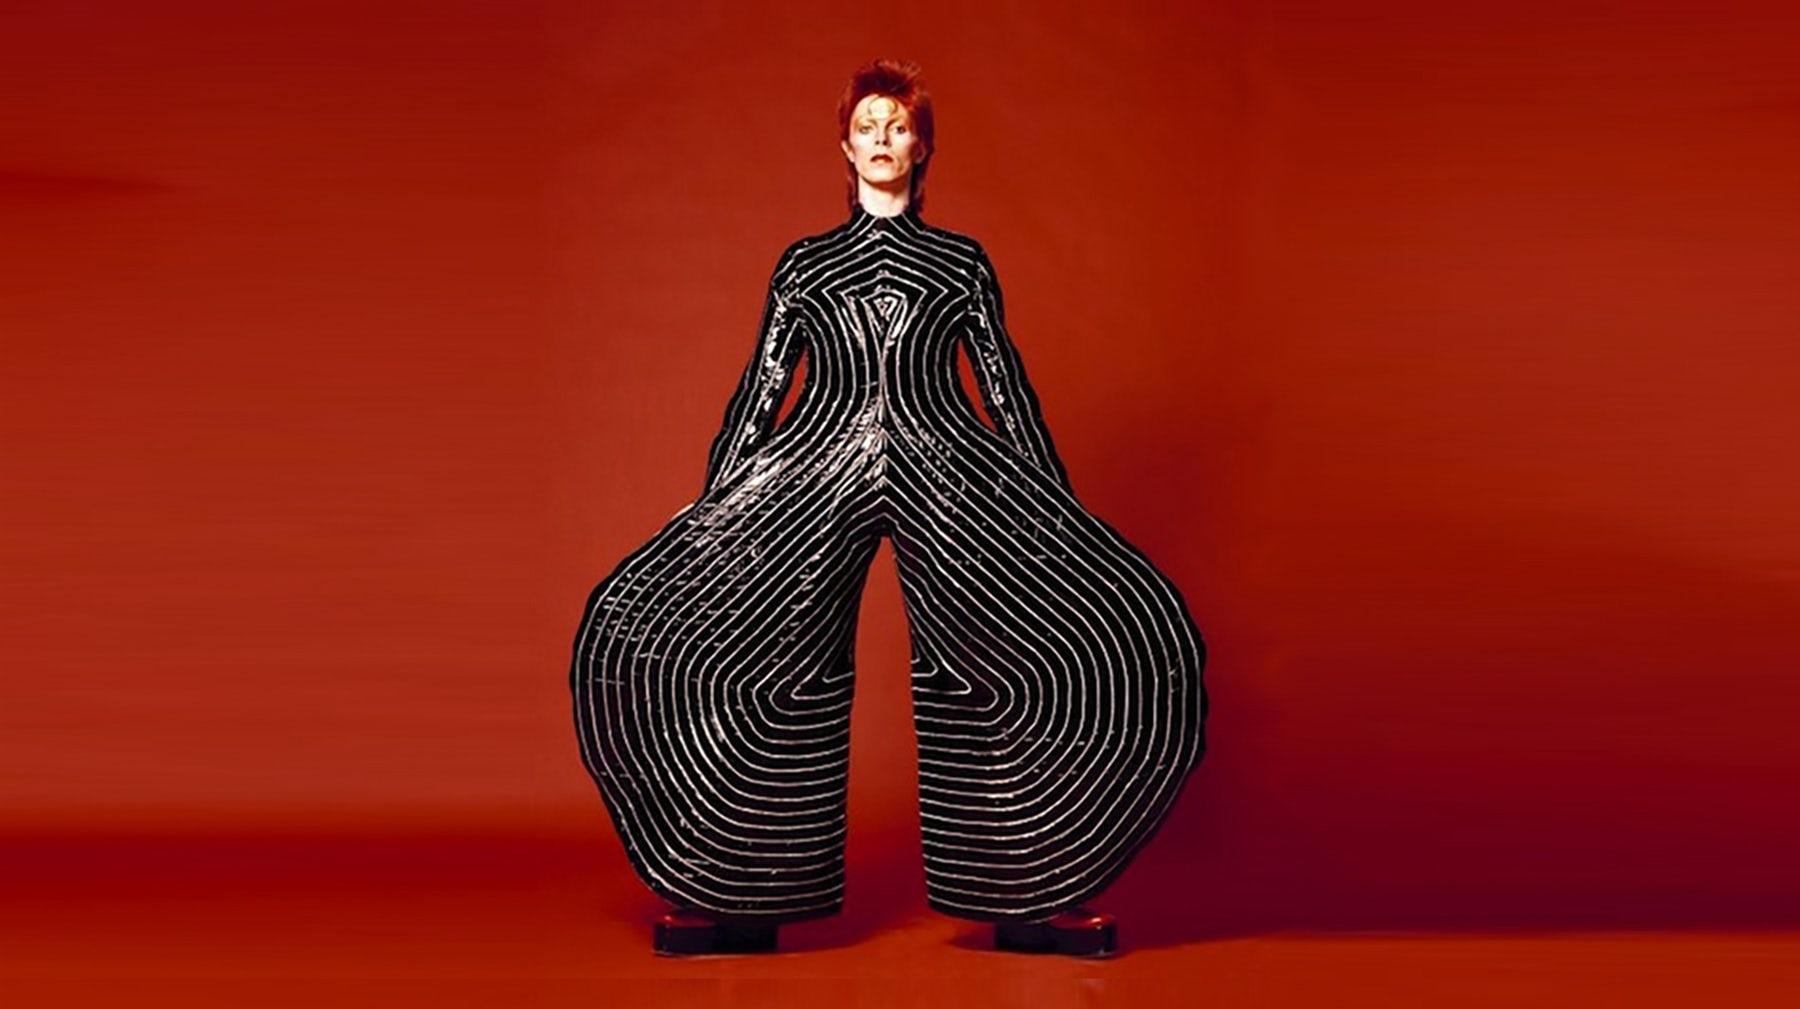 David Bowie | Photo: Masayoshi Sukita, Courtesy of V&A